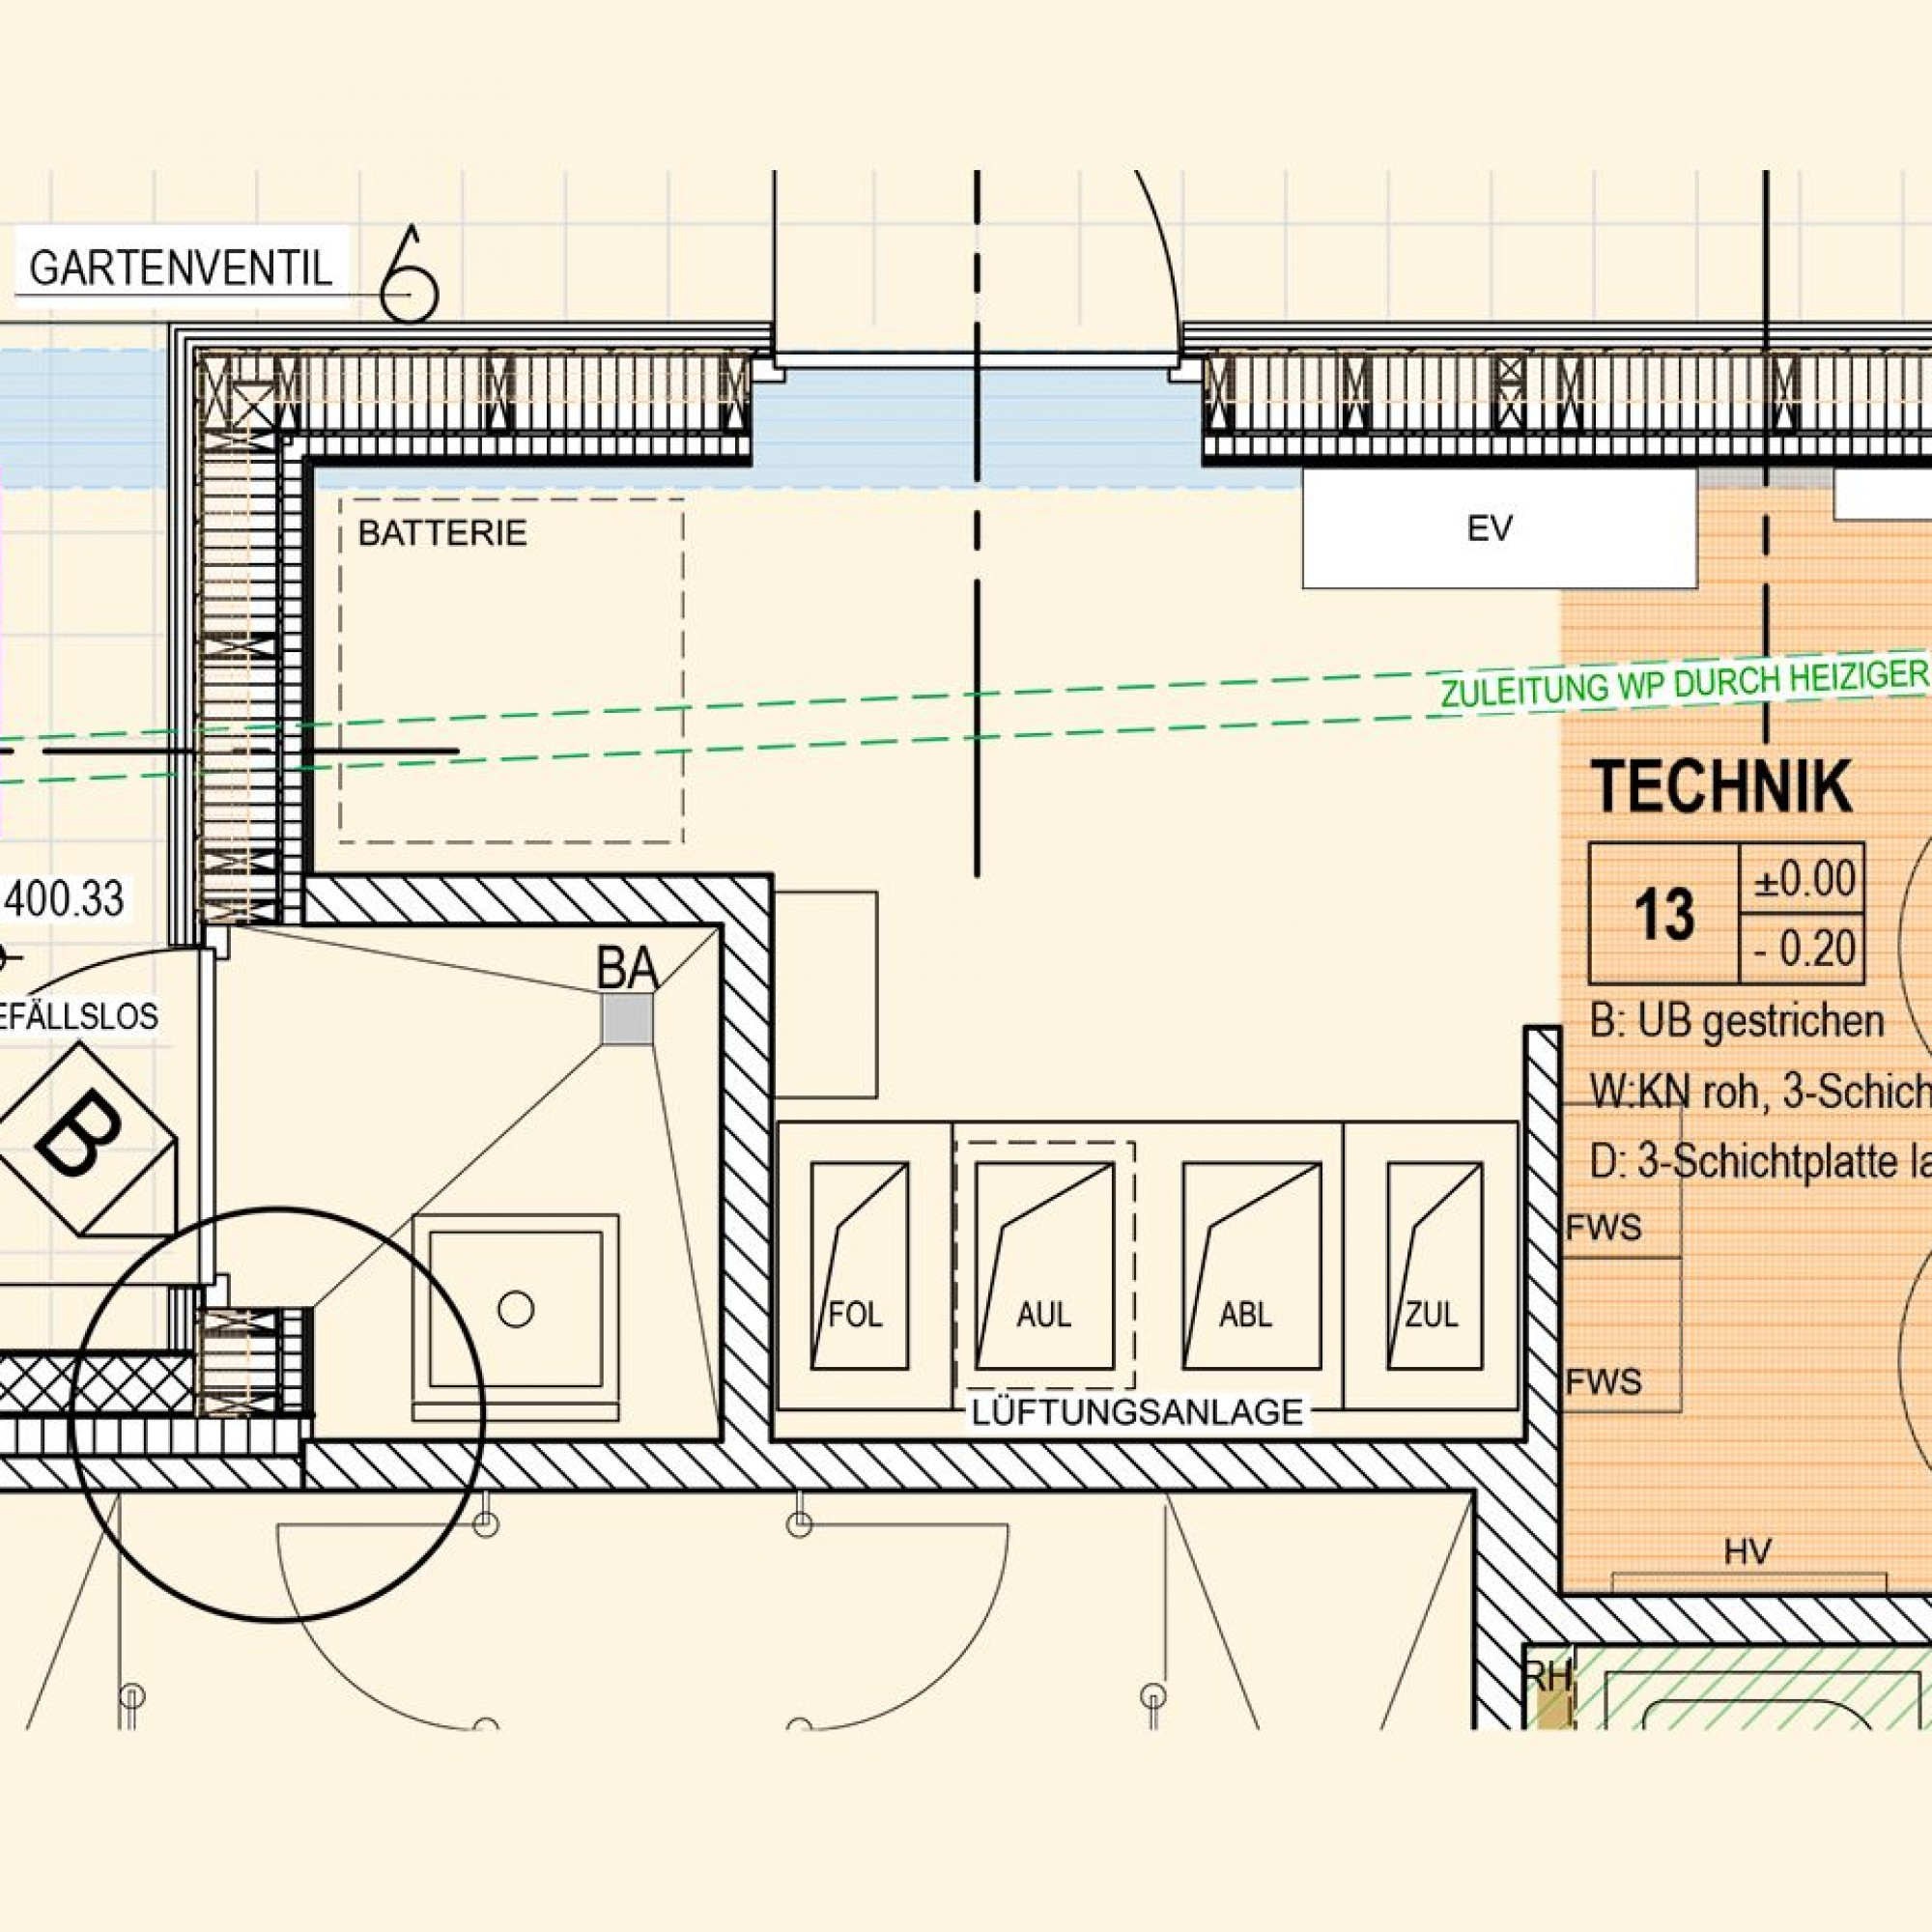 Im Technikraum sind nicht nur grosse Warmwasserspeicher untergebracht, hier lässt sich auch eine Speicherbatterie unterbringen.